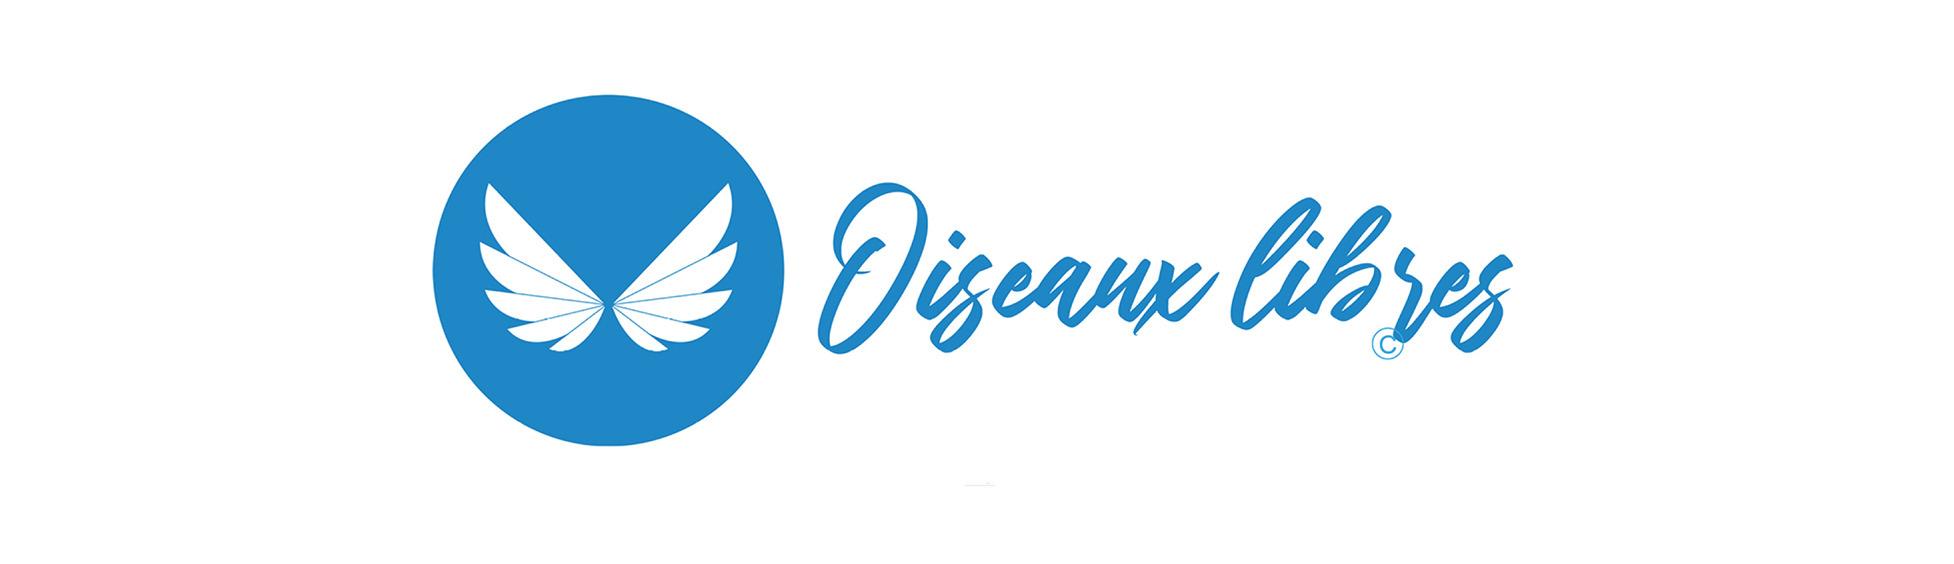 logooiseauxlibres-1610379454.jpg